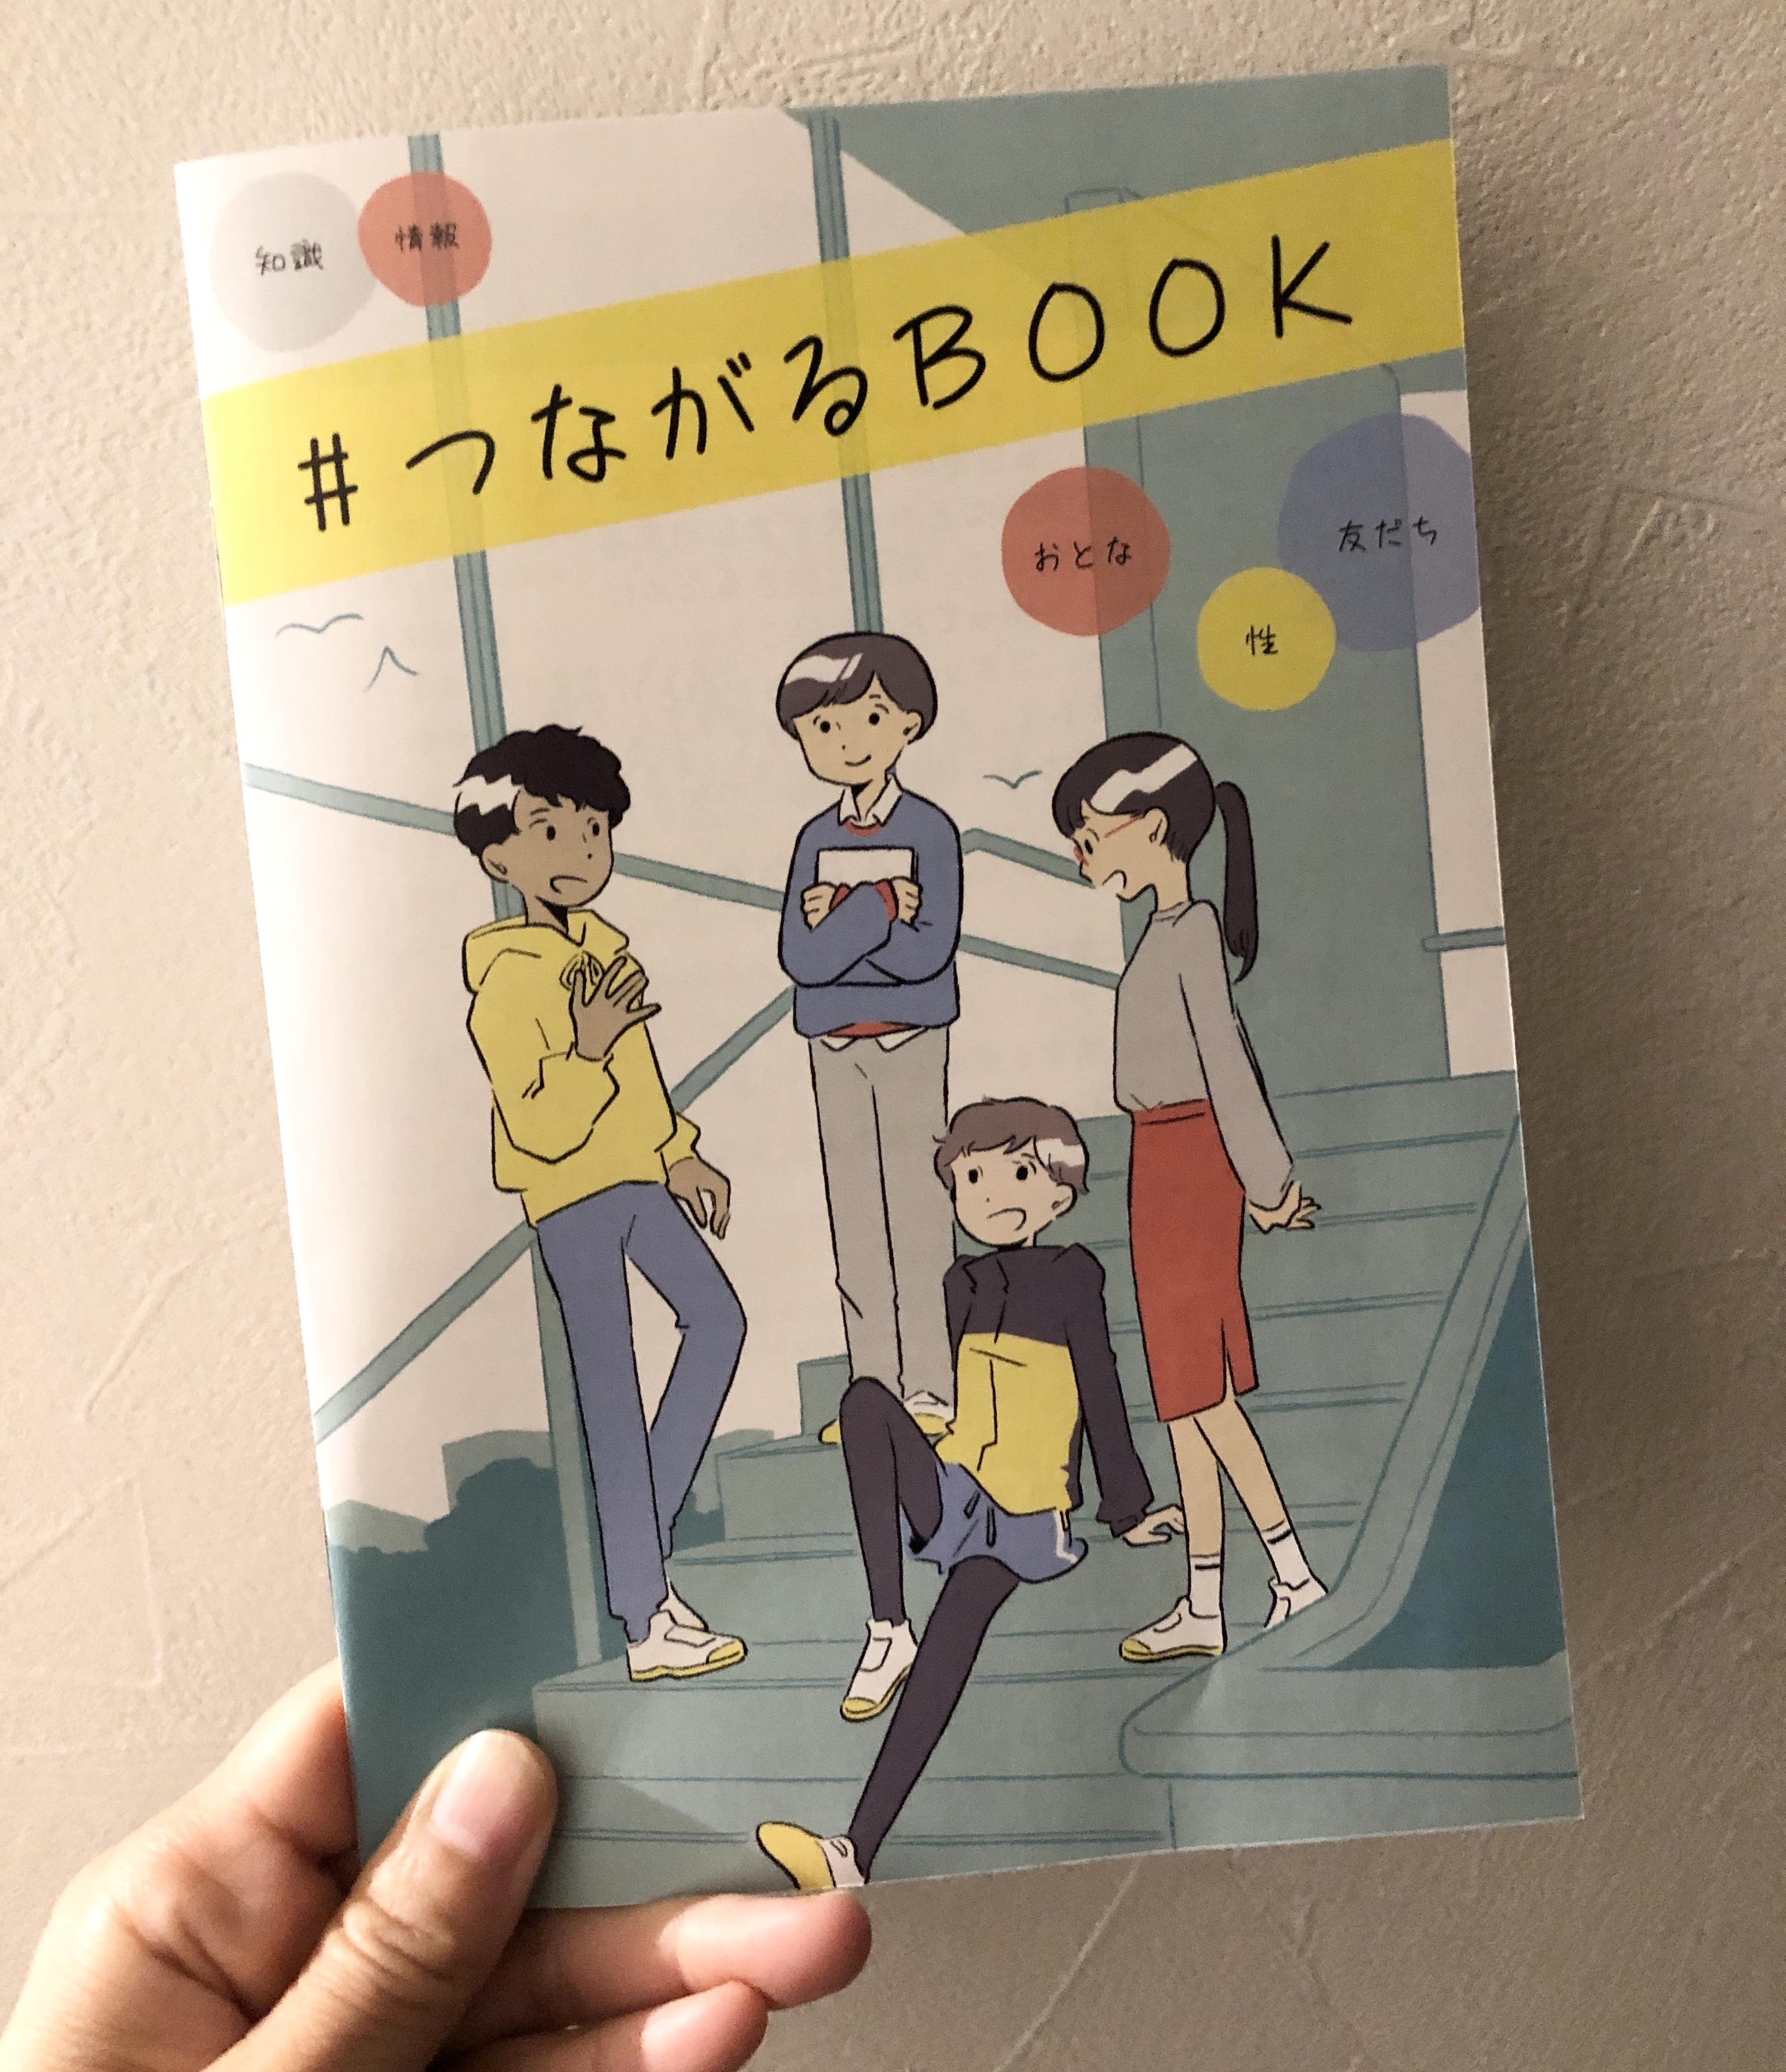 中高生のための性教育ブックレット「#つながるBOOK」